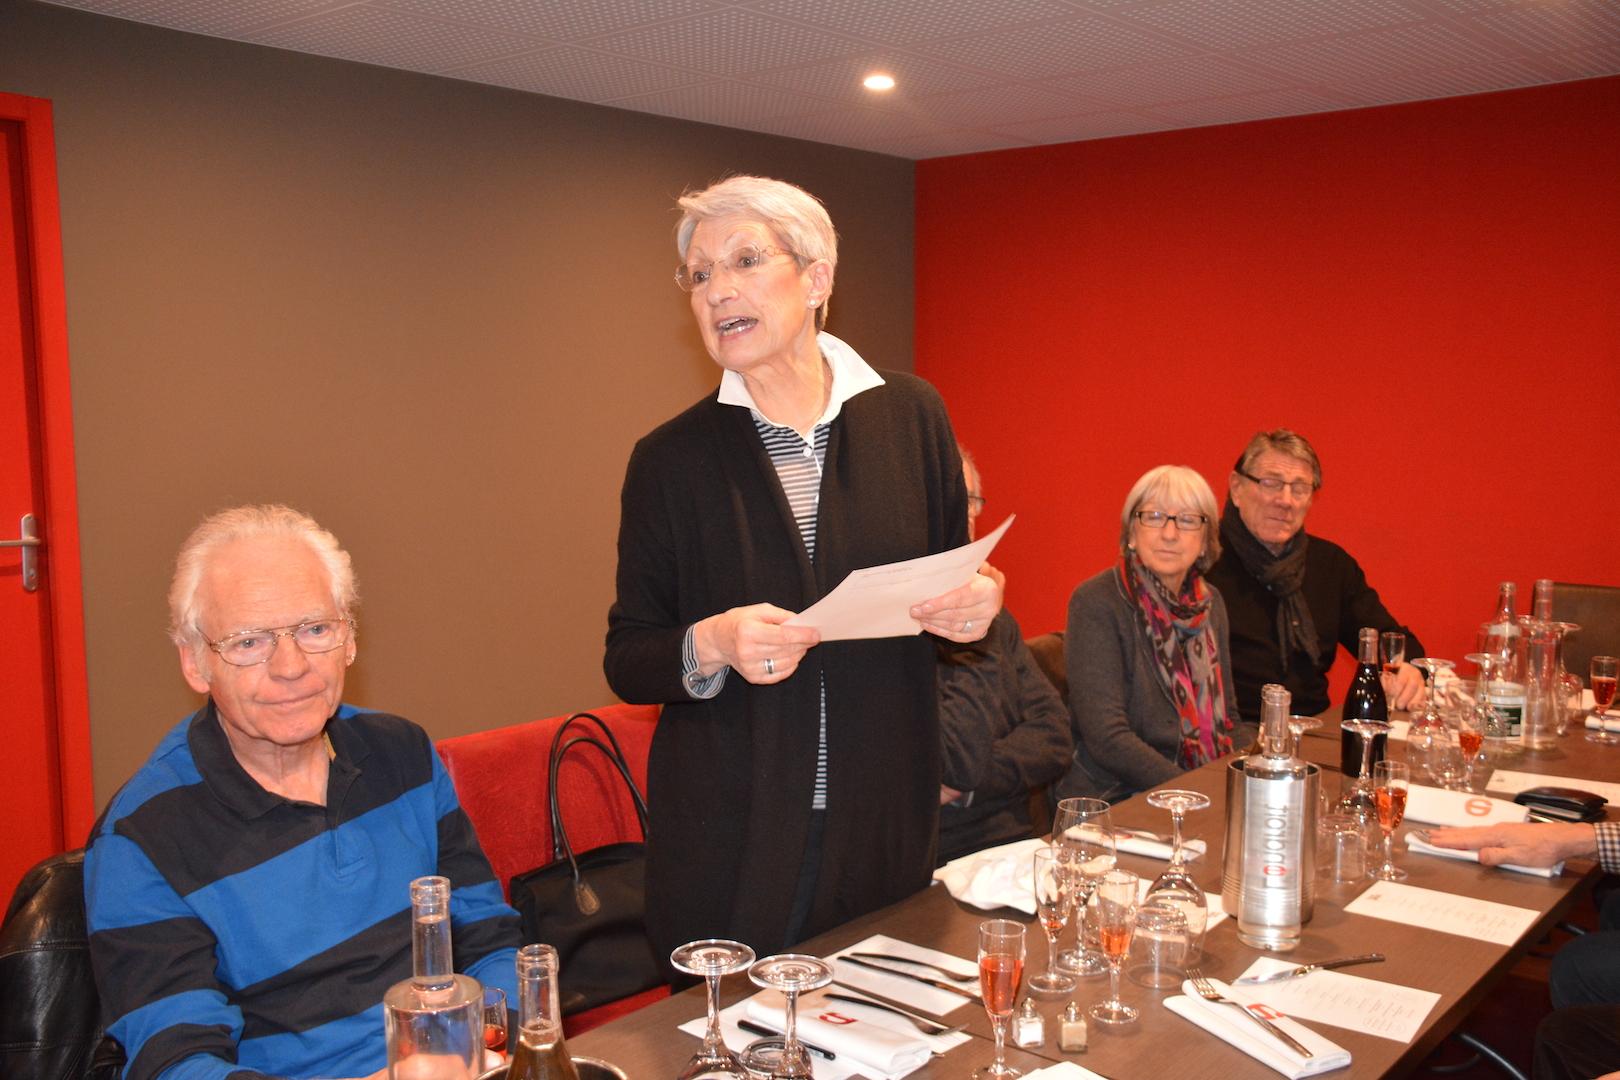 Marie-Thérèse a été désignée pour annoncer les résultats du bowling ...